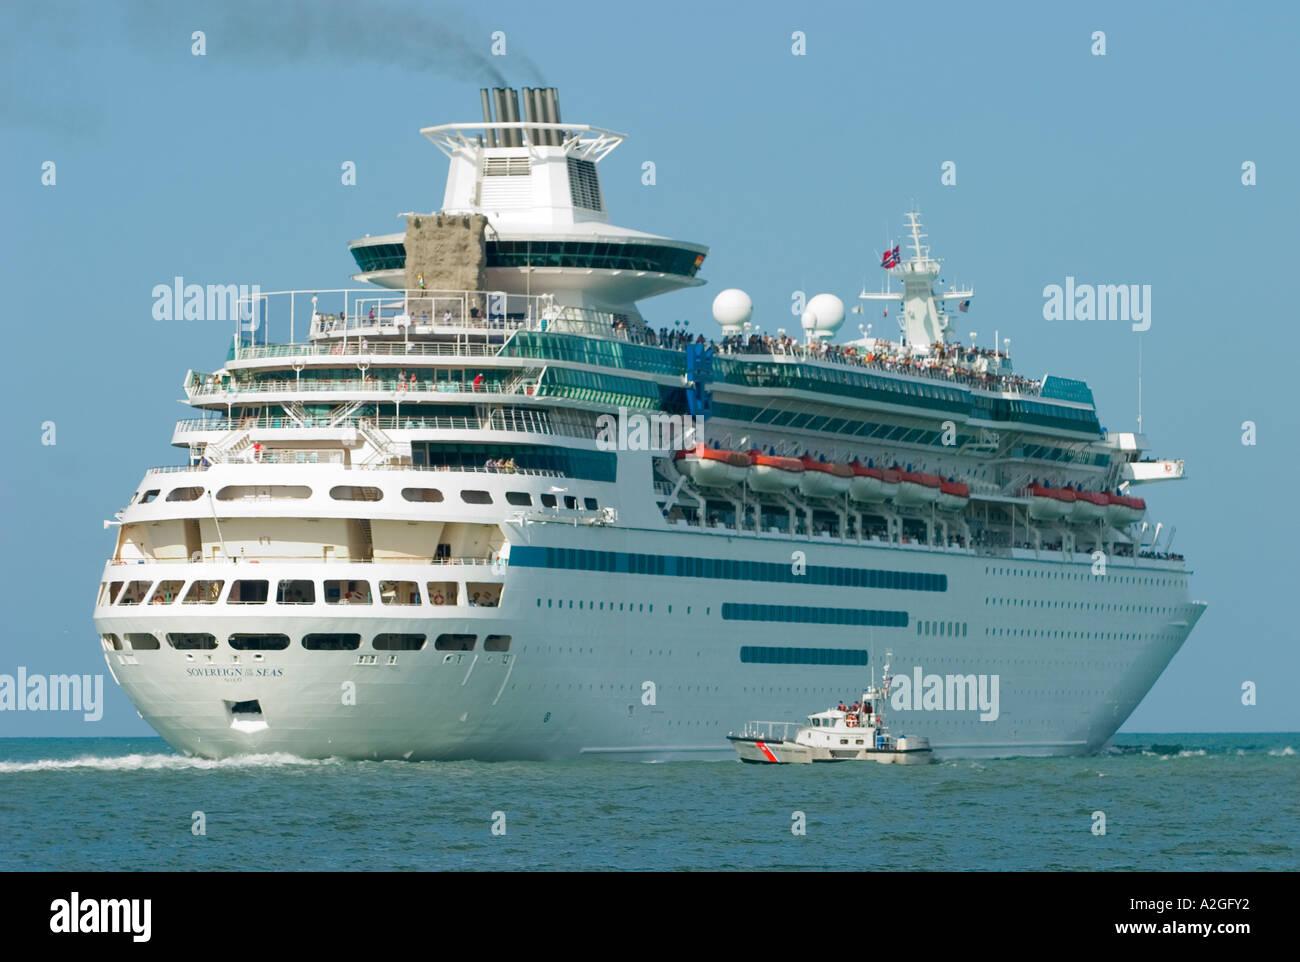 Coastgurard Guarding Cruise Ship Sovereign Of The Seas While - Sovereign cruise ship